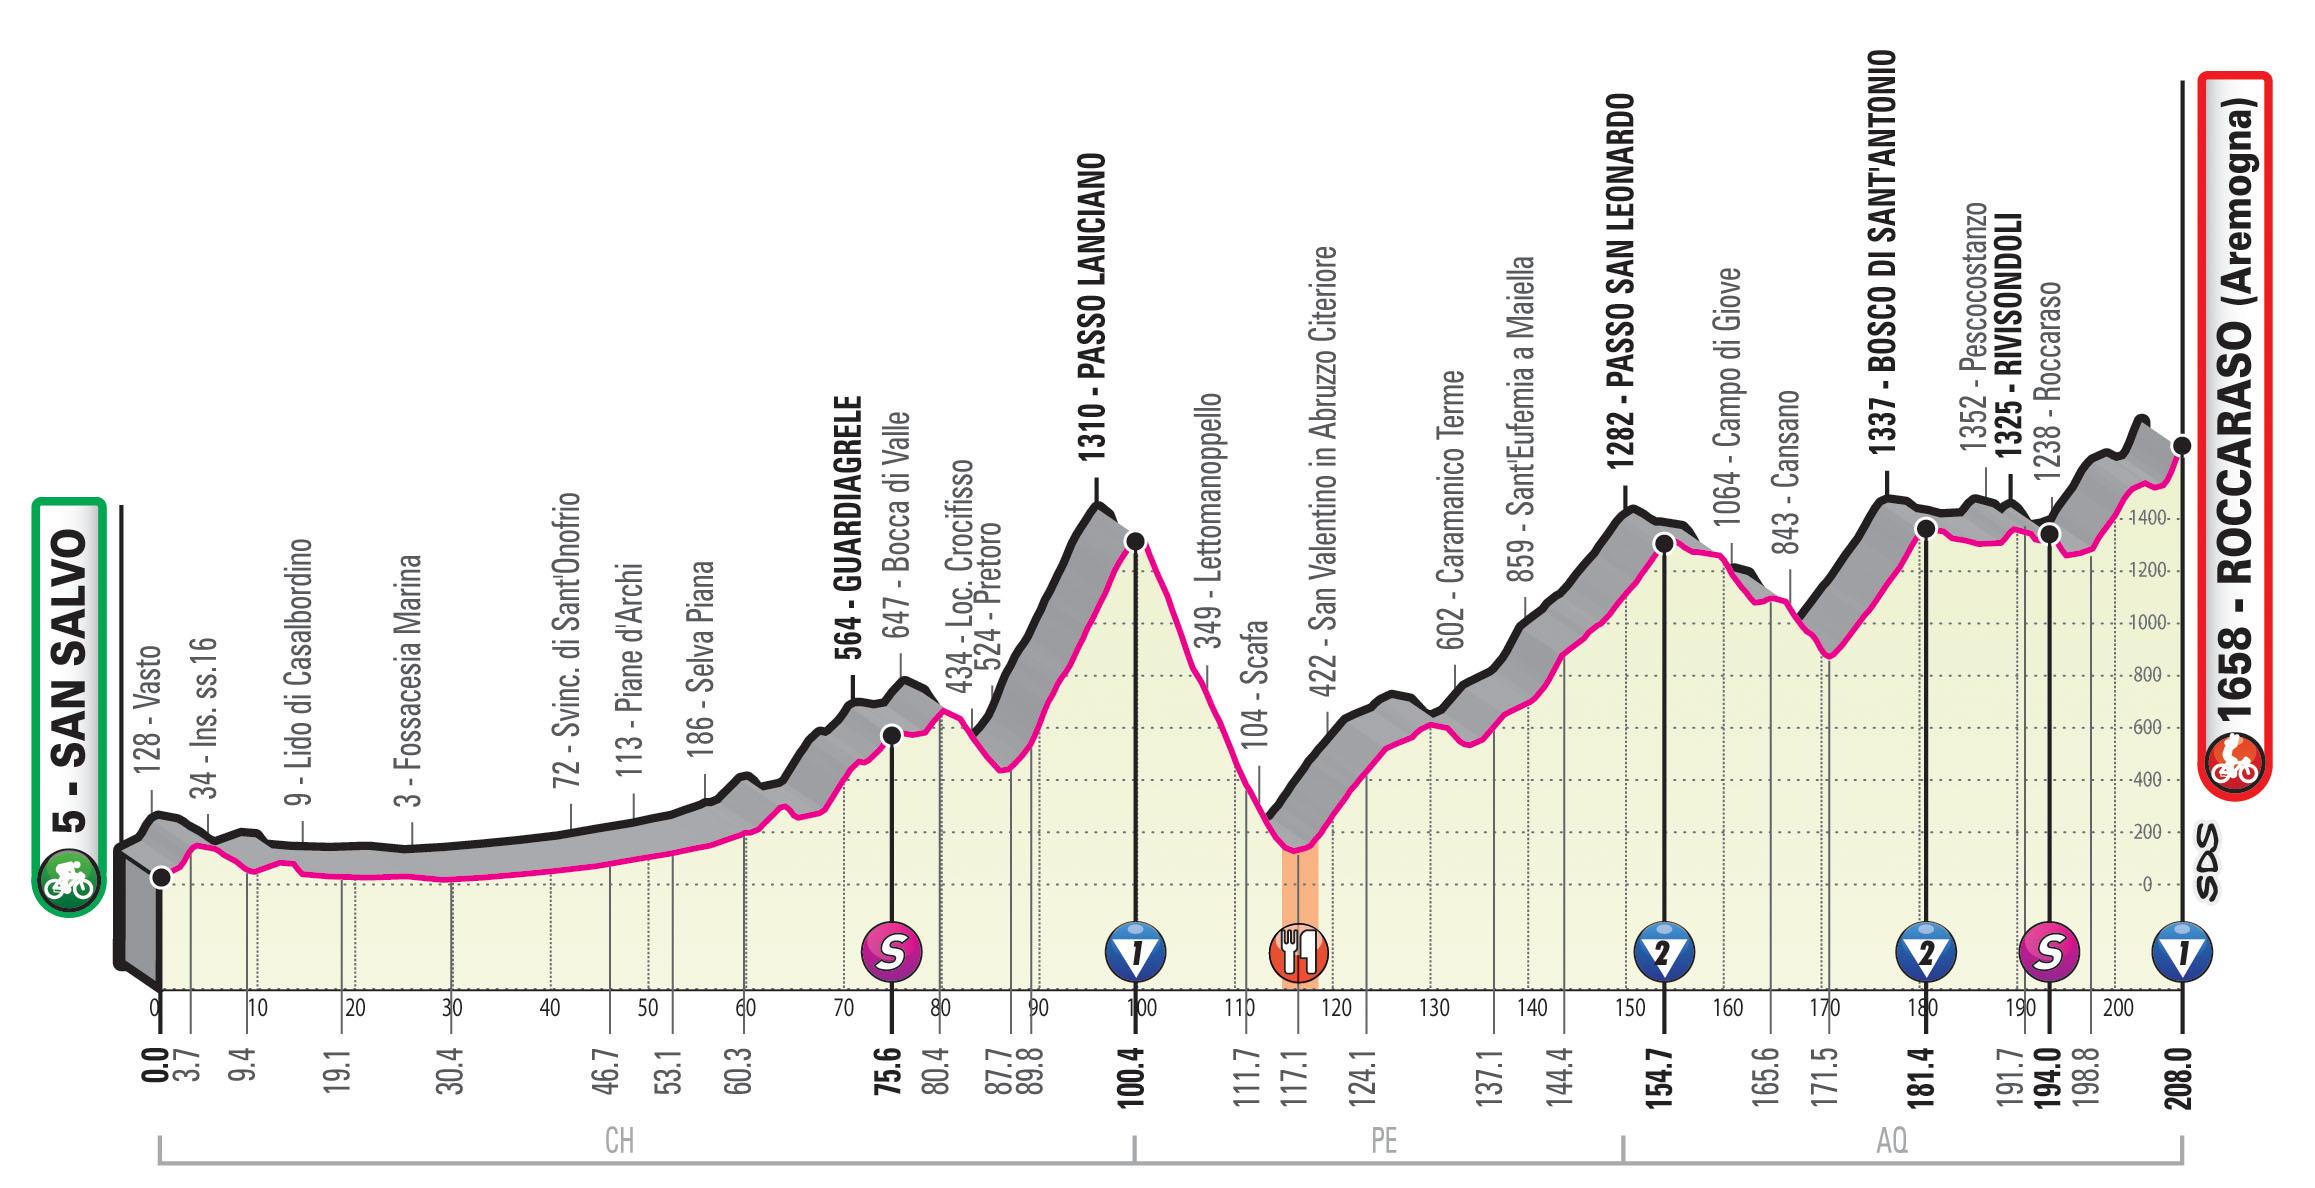 Giro 2020 etappe 9